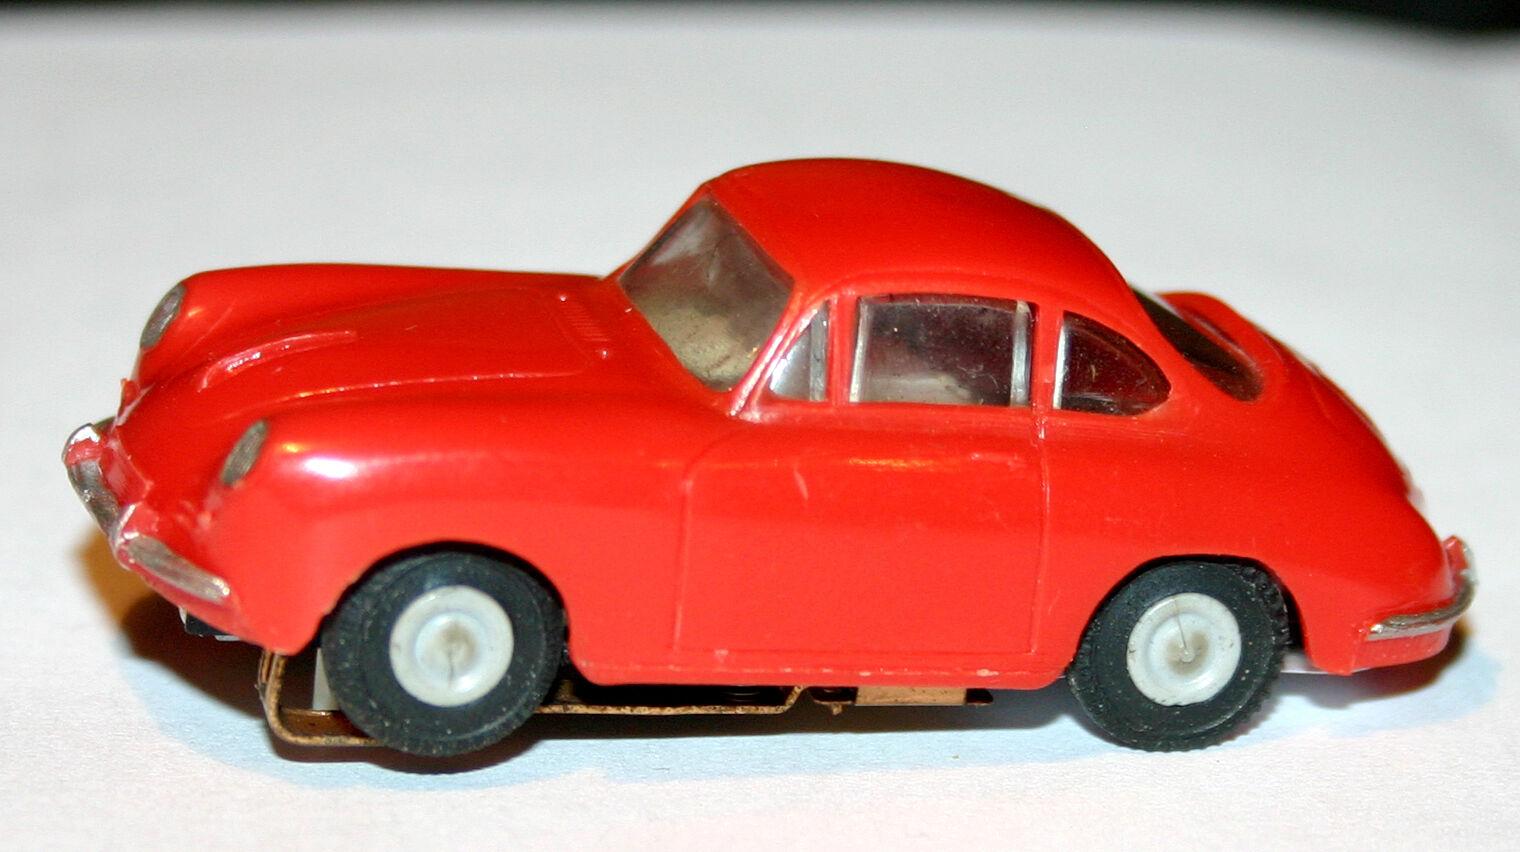 Faller Amx Porsche 356 Antik Rennstrecke 1 87